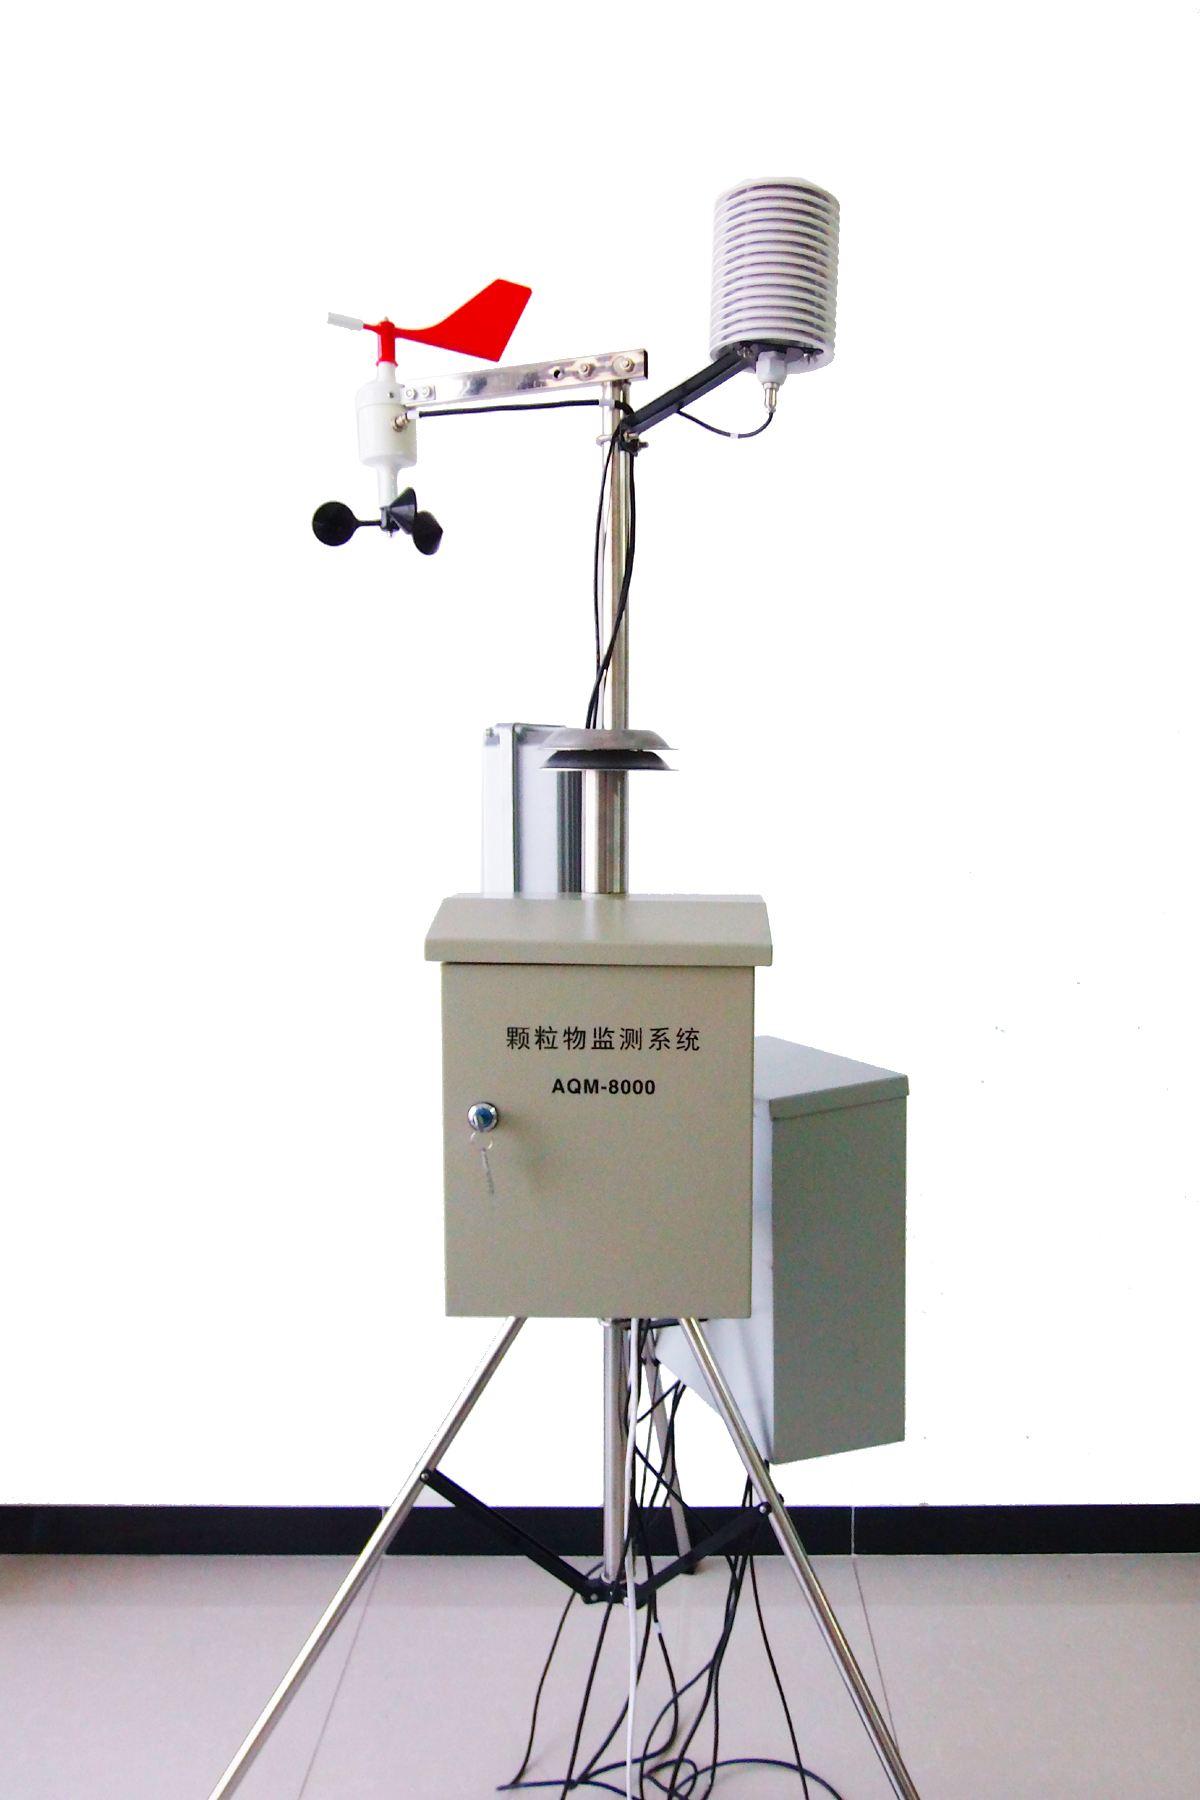 中卫扬尘监测仪生产厂家|宁夏鼎林工贸有限公司